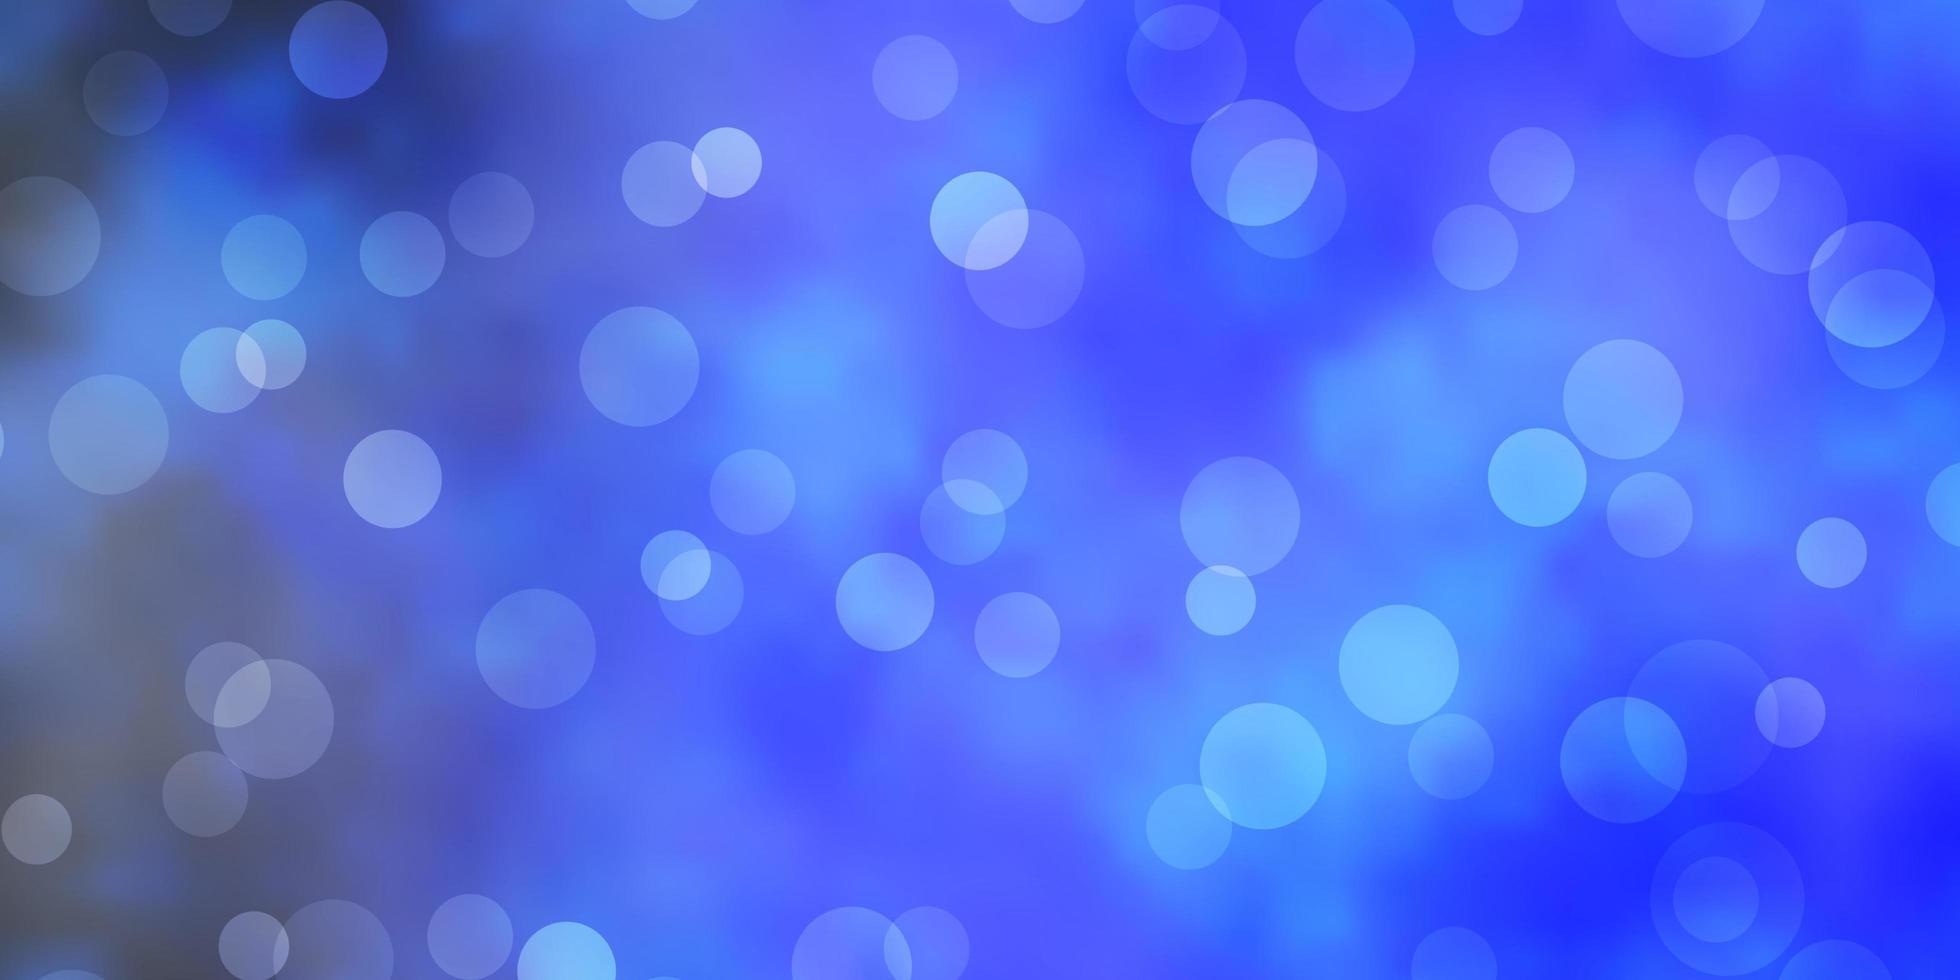 modelo azul com círculos. vetor